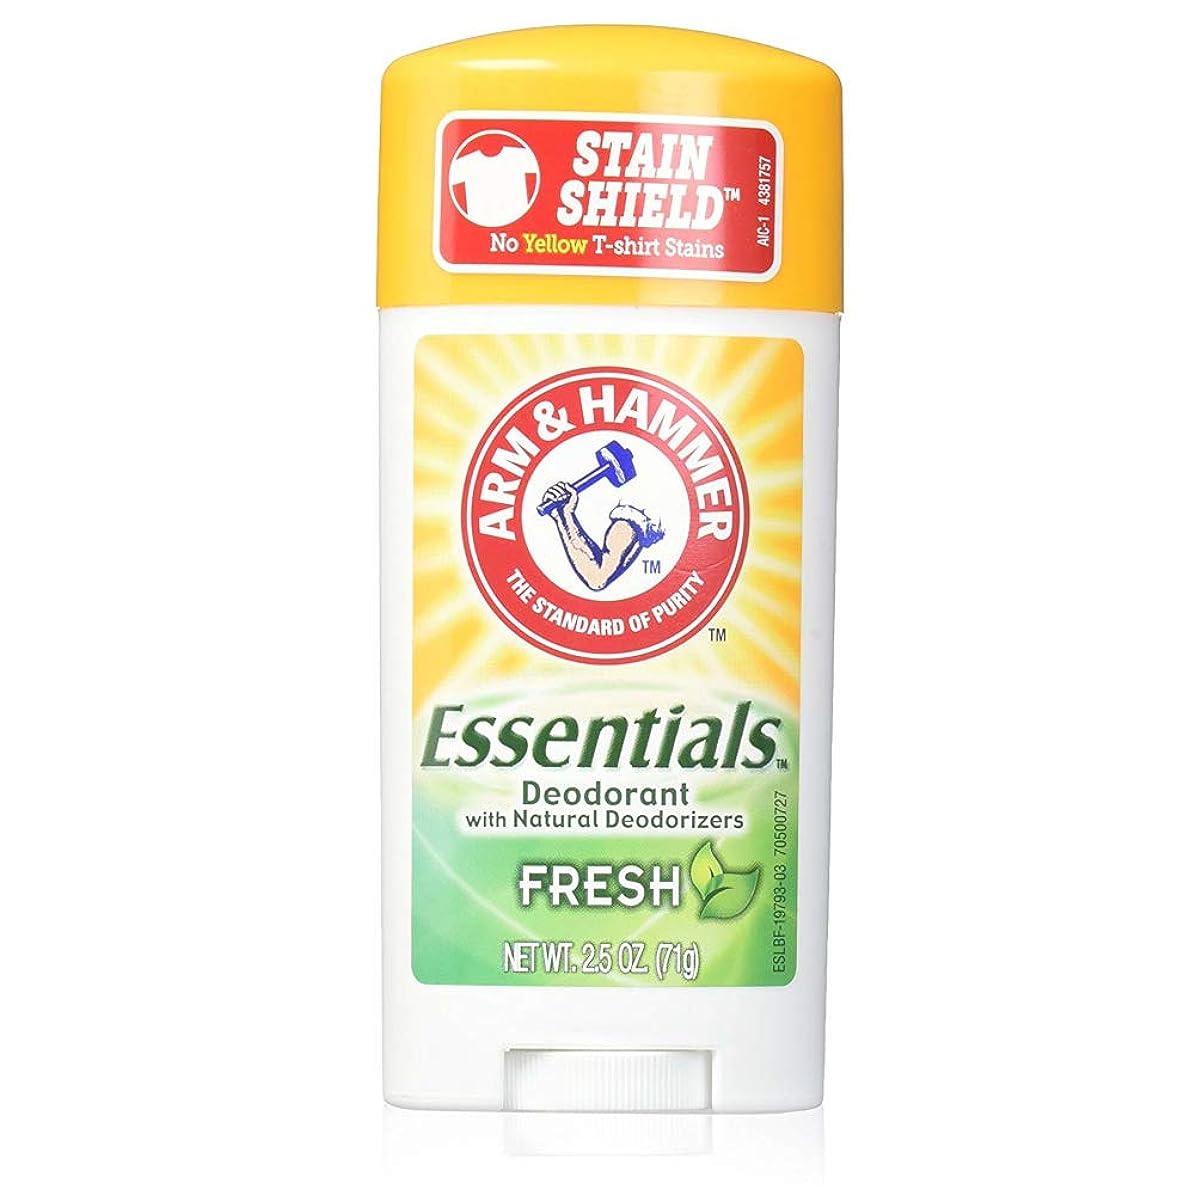 とんでもない兵隊ドライバアーム&ハマー デオドラント【フレッシュ】制汗剤【お風呂上がりの香り】Arm & Hammer Essentials Natural Deodorant Fresh 71?[並行輸入品]